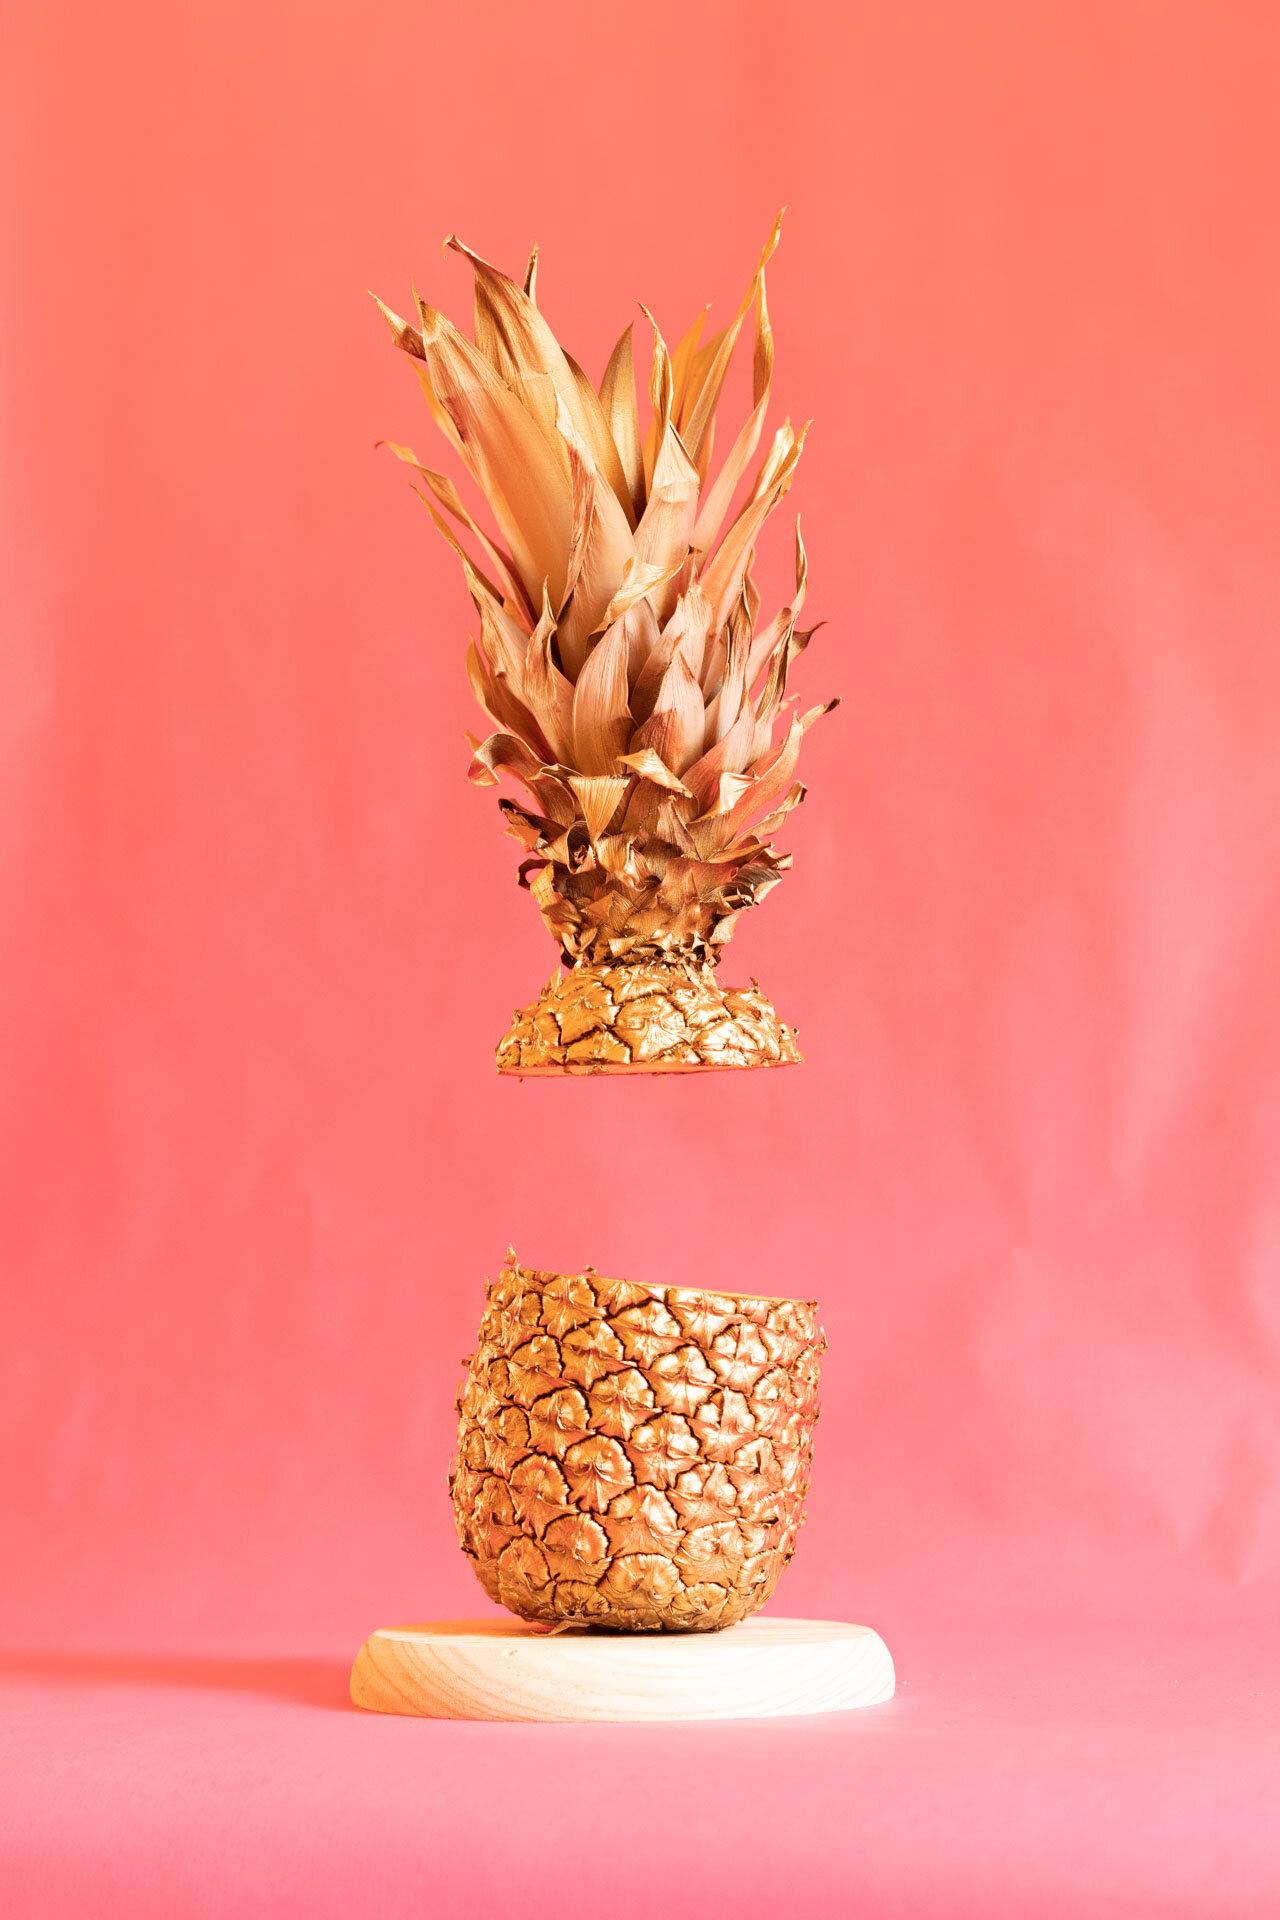 BPP 11 - Golden Pineapple - IG-12.jpg